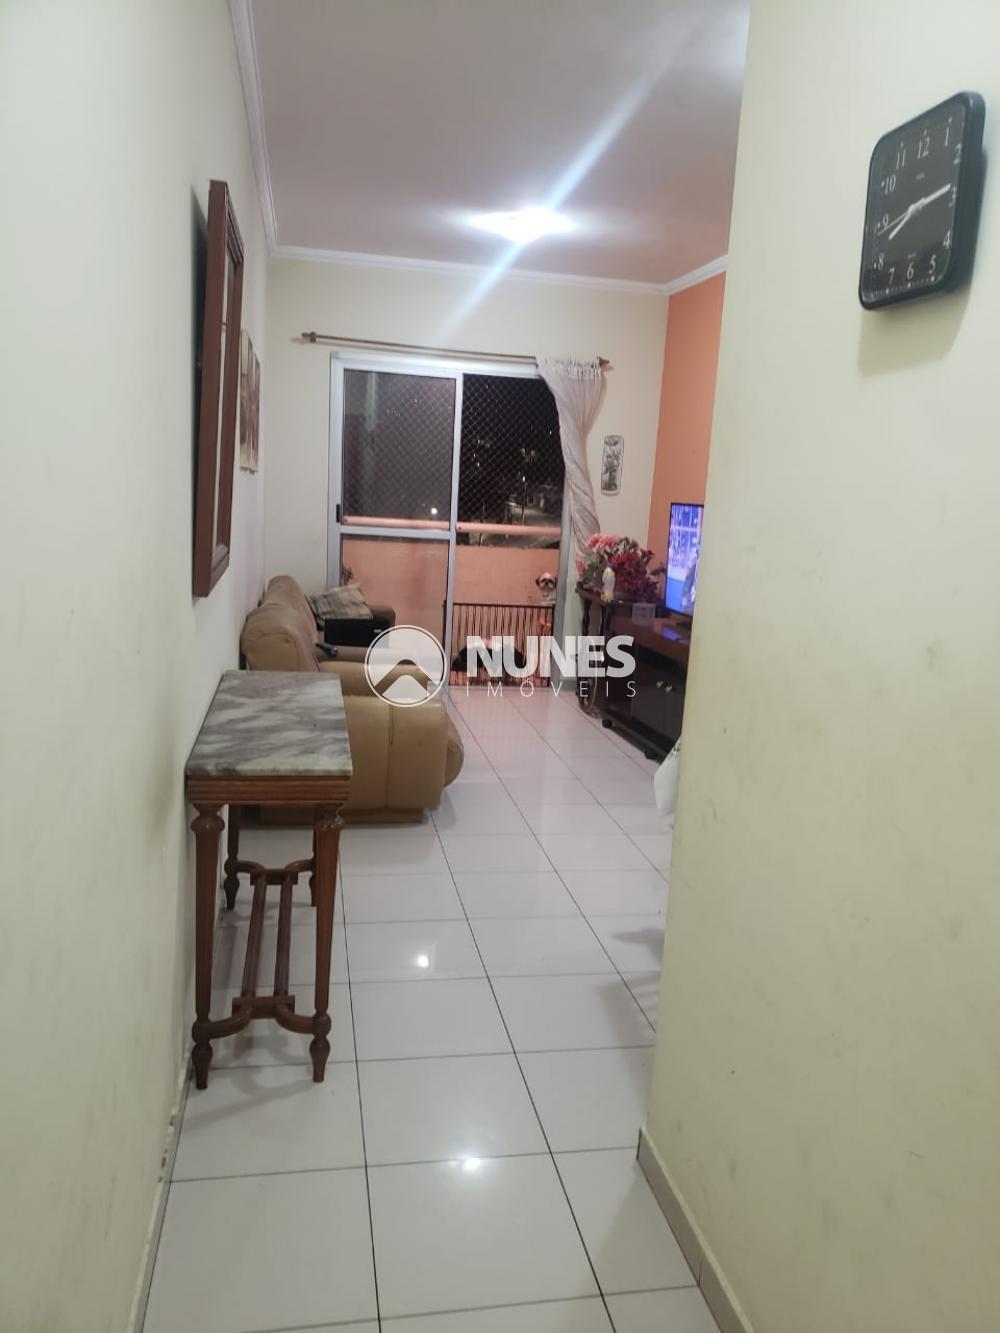 Comprar Apartamento / Padrão em Osasco R$ 325.000,00 - Foto 7